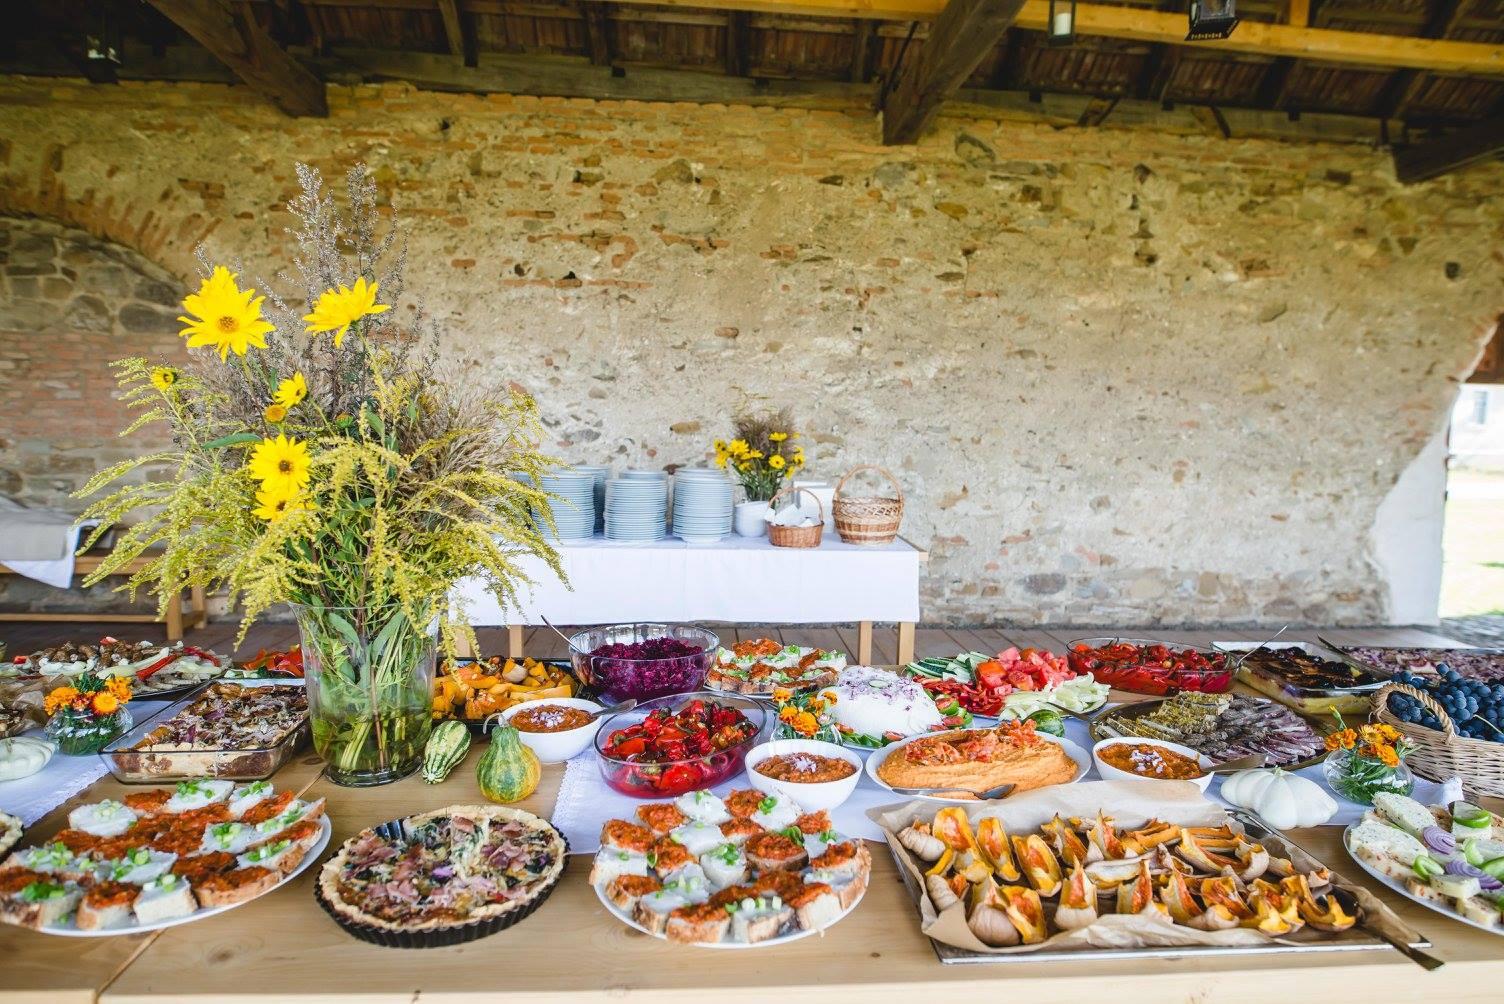 Experiență gastronomică într-un sat idilic